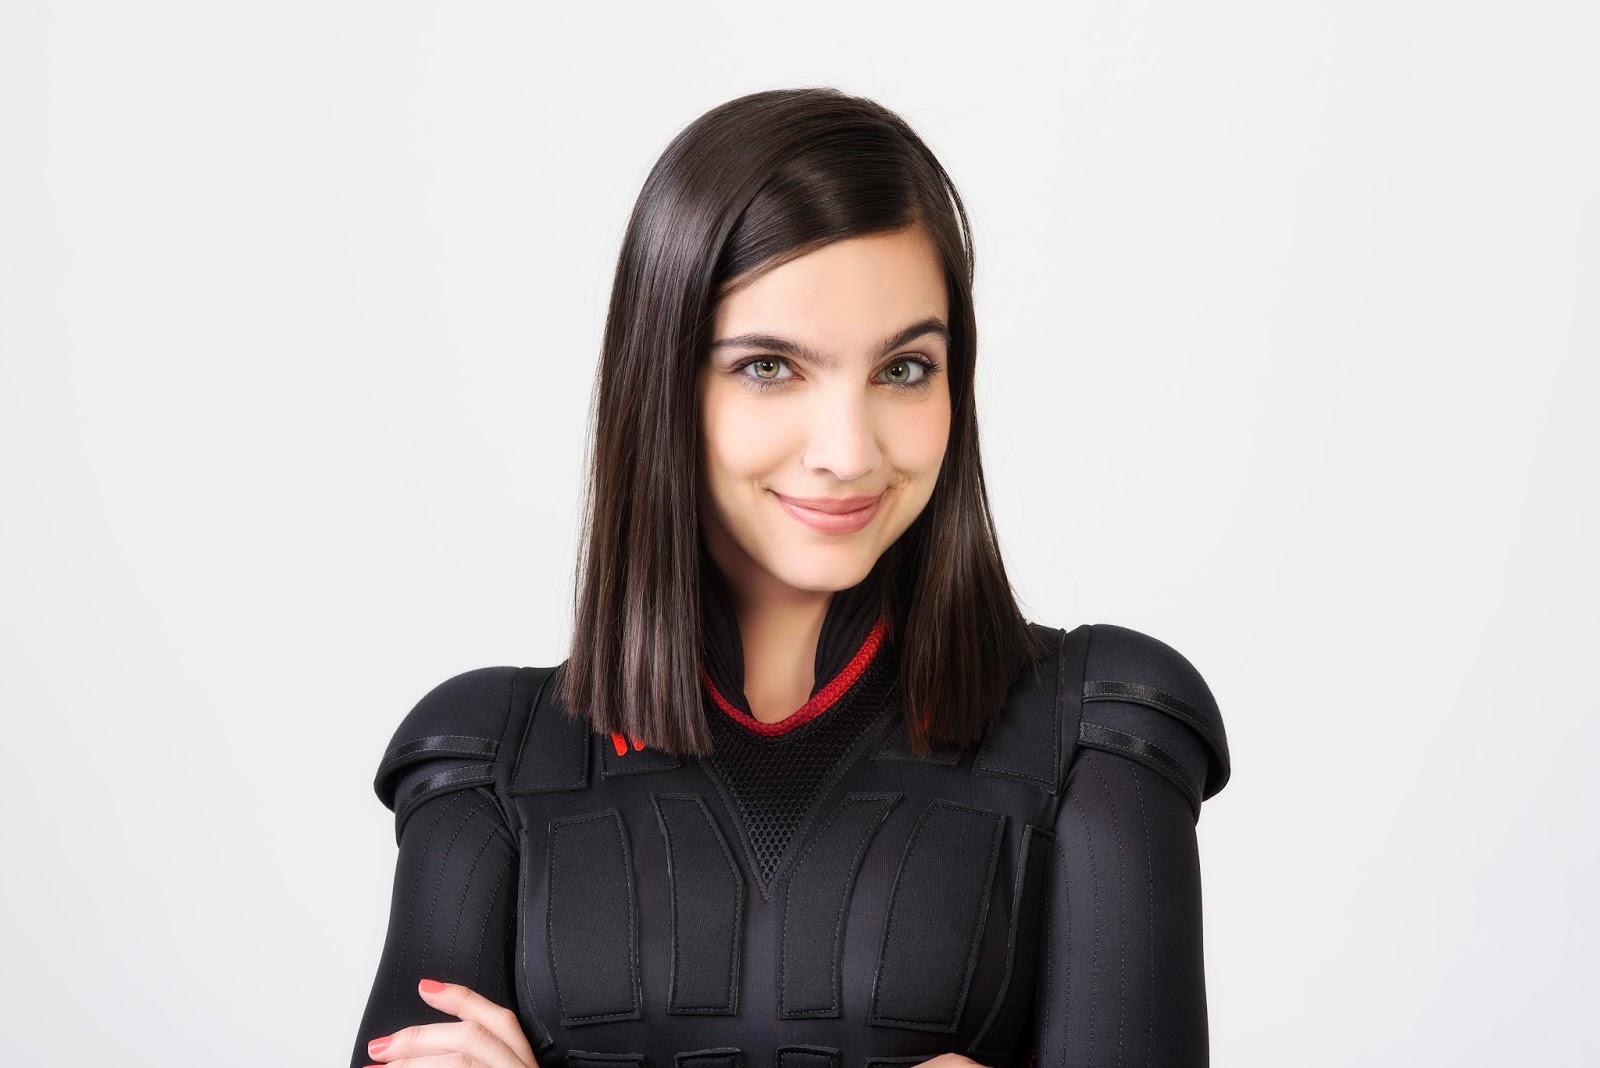 Yo soy Franky, nueva serie de Nickelodeon protagonizada por María Gabriela de Faría